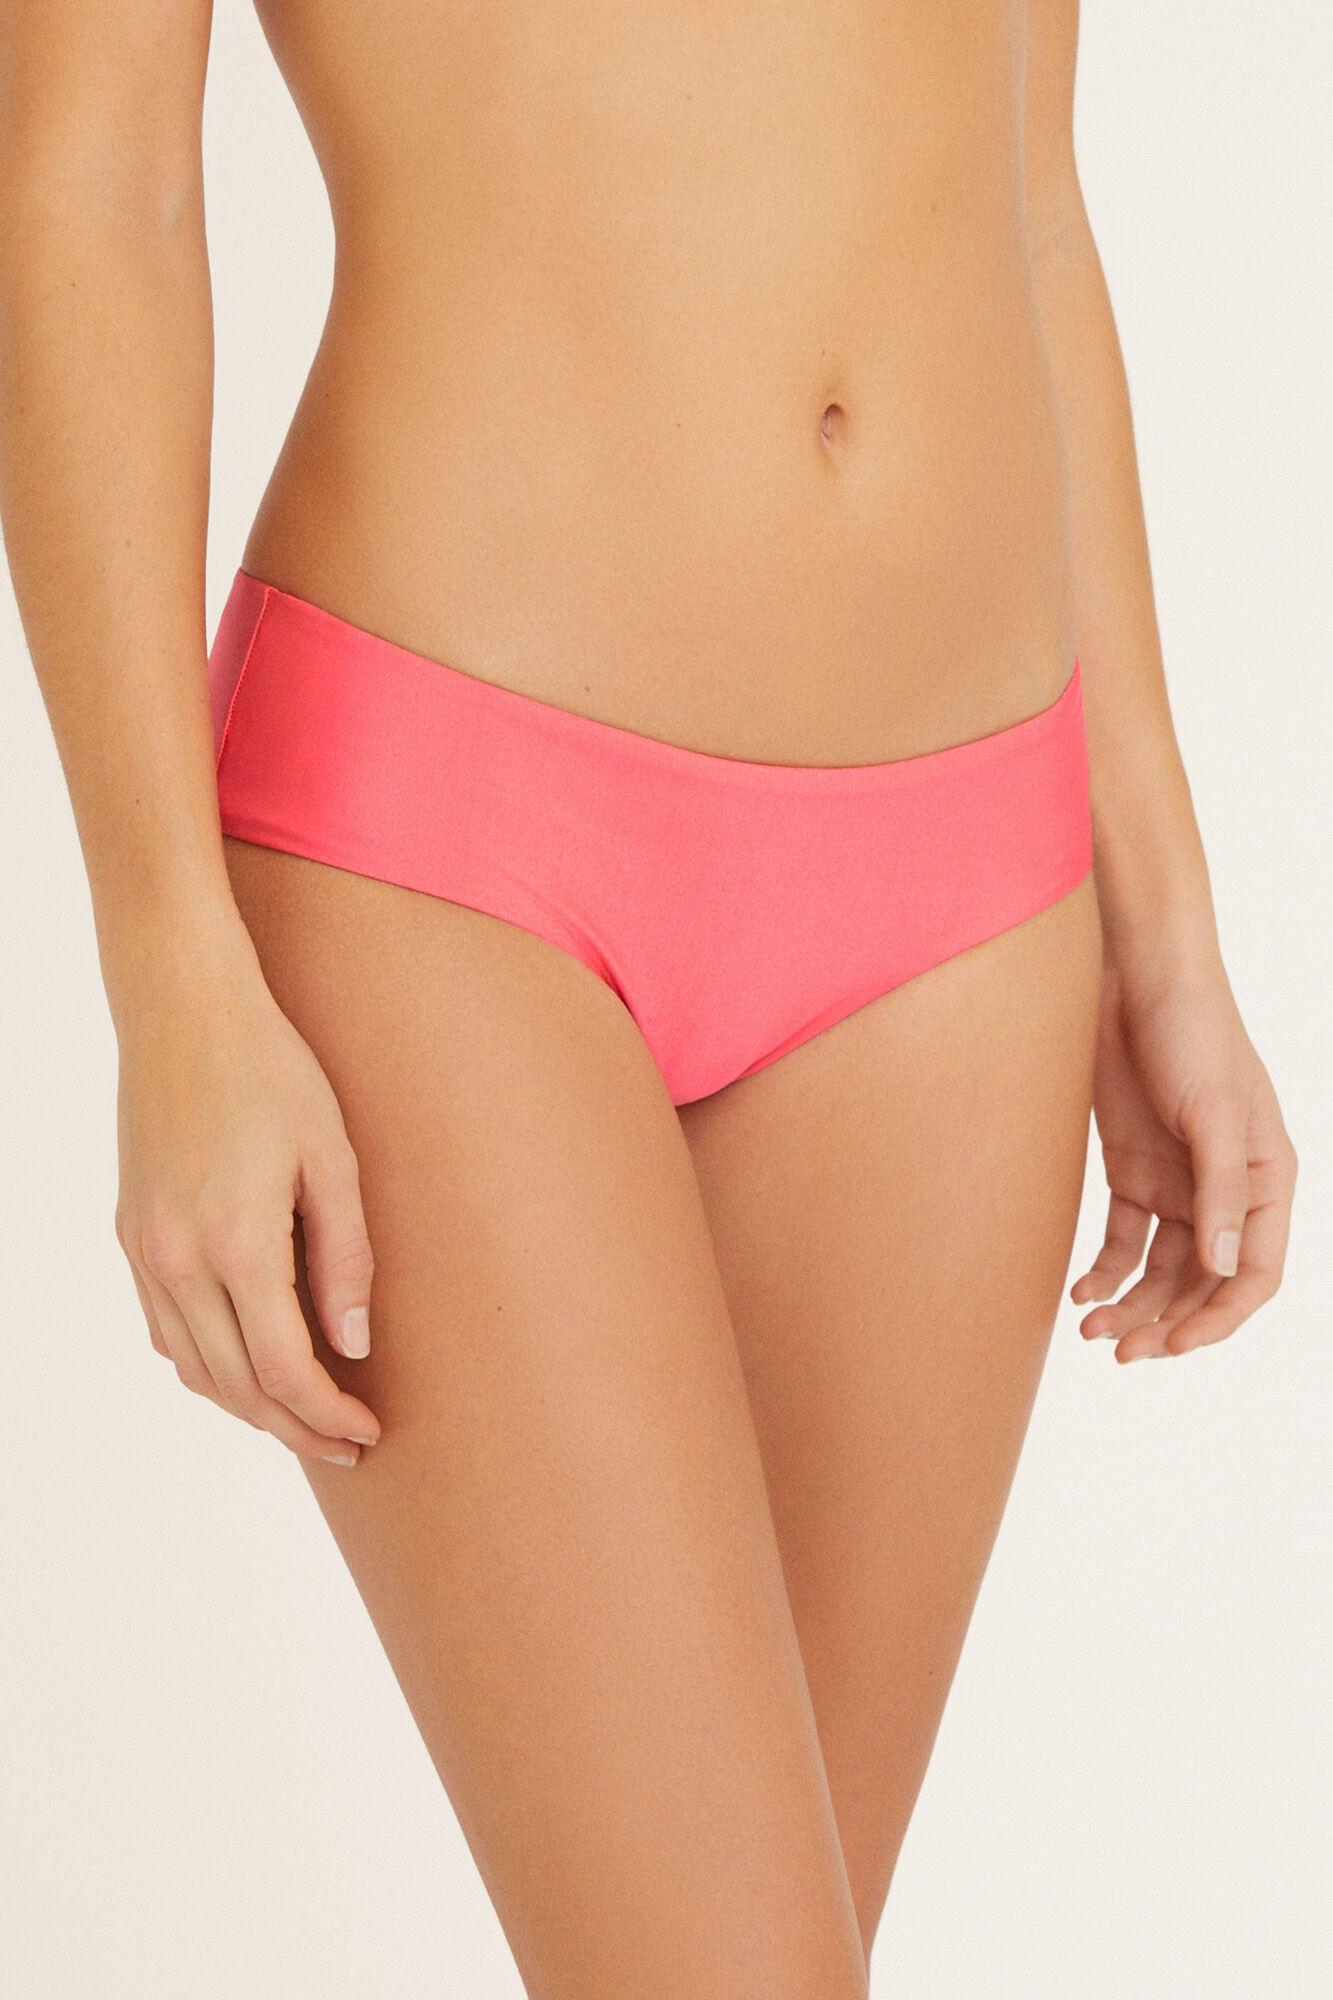 cda2c088b472 Braguita bikini bóxer brasileña